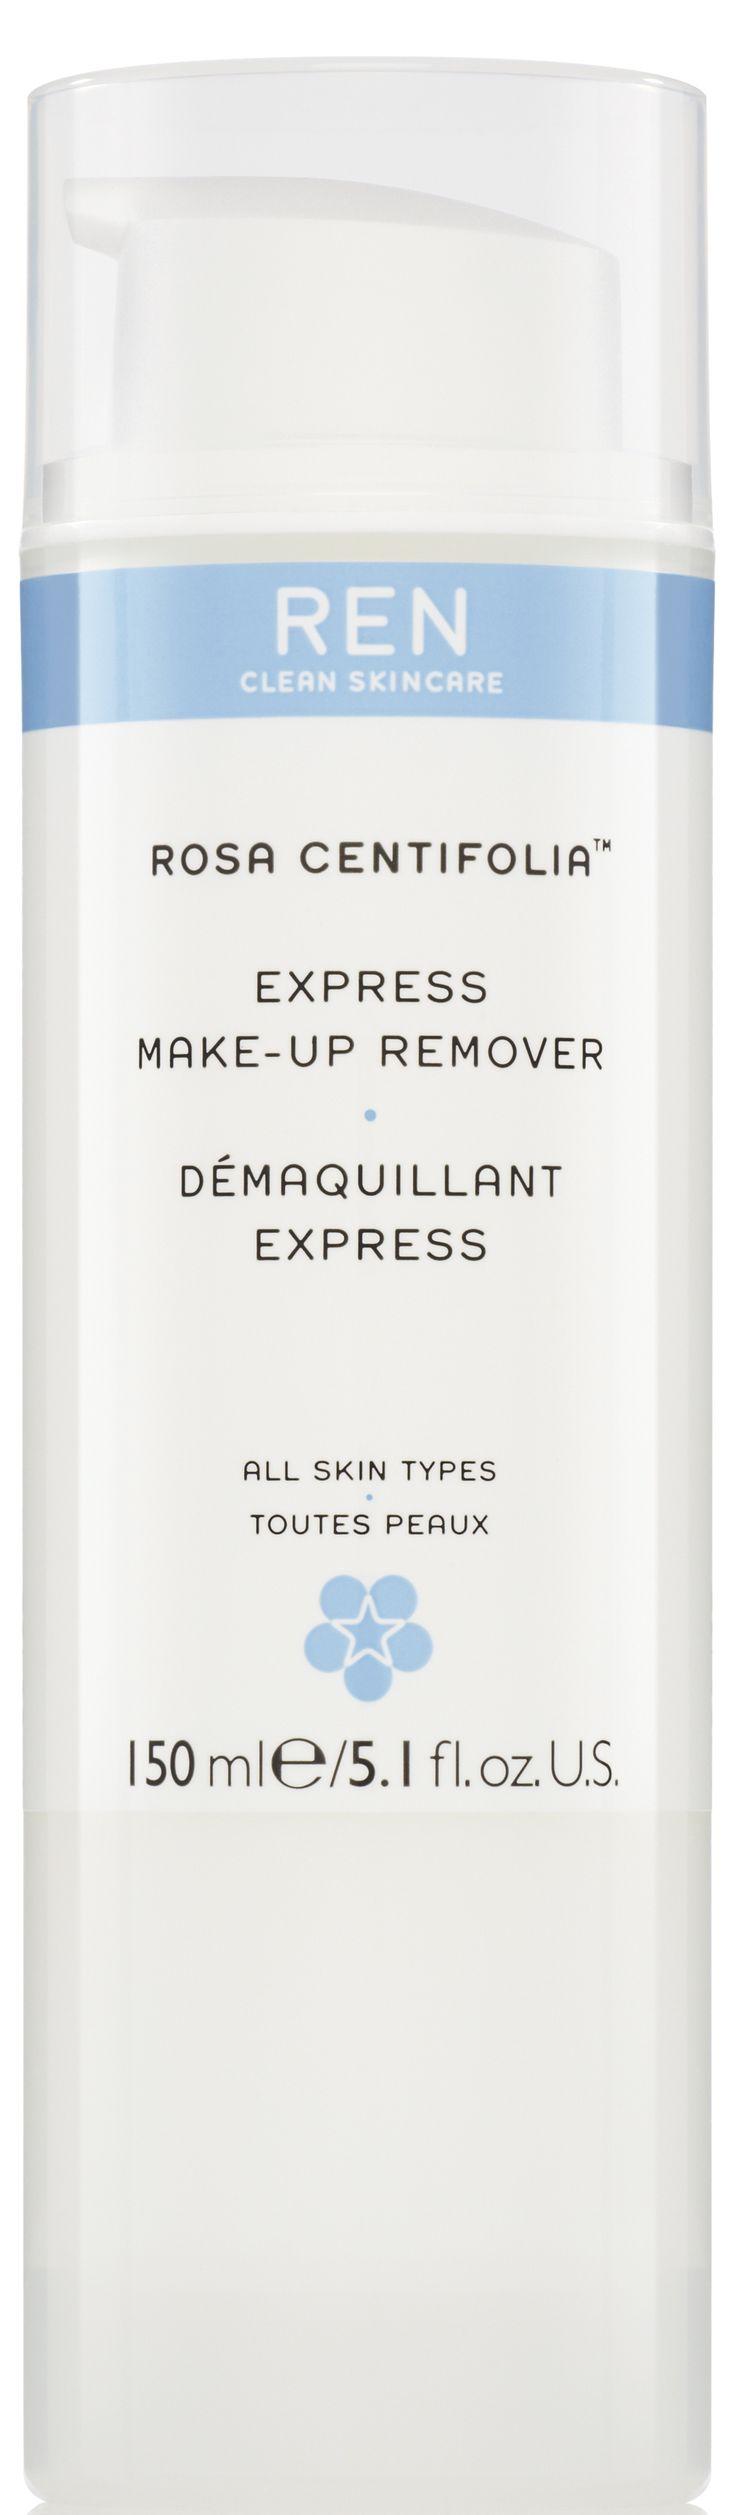 EXPRESS MAKE-UP REMOVER (150 ml)  Eine sanfte Reinigungsmilch, mit einer Mischung aus nährenden Ölen und Blütenwasser, die sanft und mühelos Make-up und sogar wasserfeste Mascara entfernt. Reiskleienöl beruhigt und hydratisiert die Haut, während Tannine aus der Rosa Centifolia die Poren verfeinert. Die Milch hinterlässt ein angenehmes Hautgefühl und ist speziell für trockene und dehydrierte Haut geeignet. http://www.best-kosmetik.de/marken/ren-clean-skincare/reinigung-peeling/express-make-up